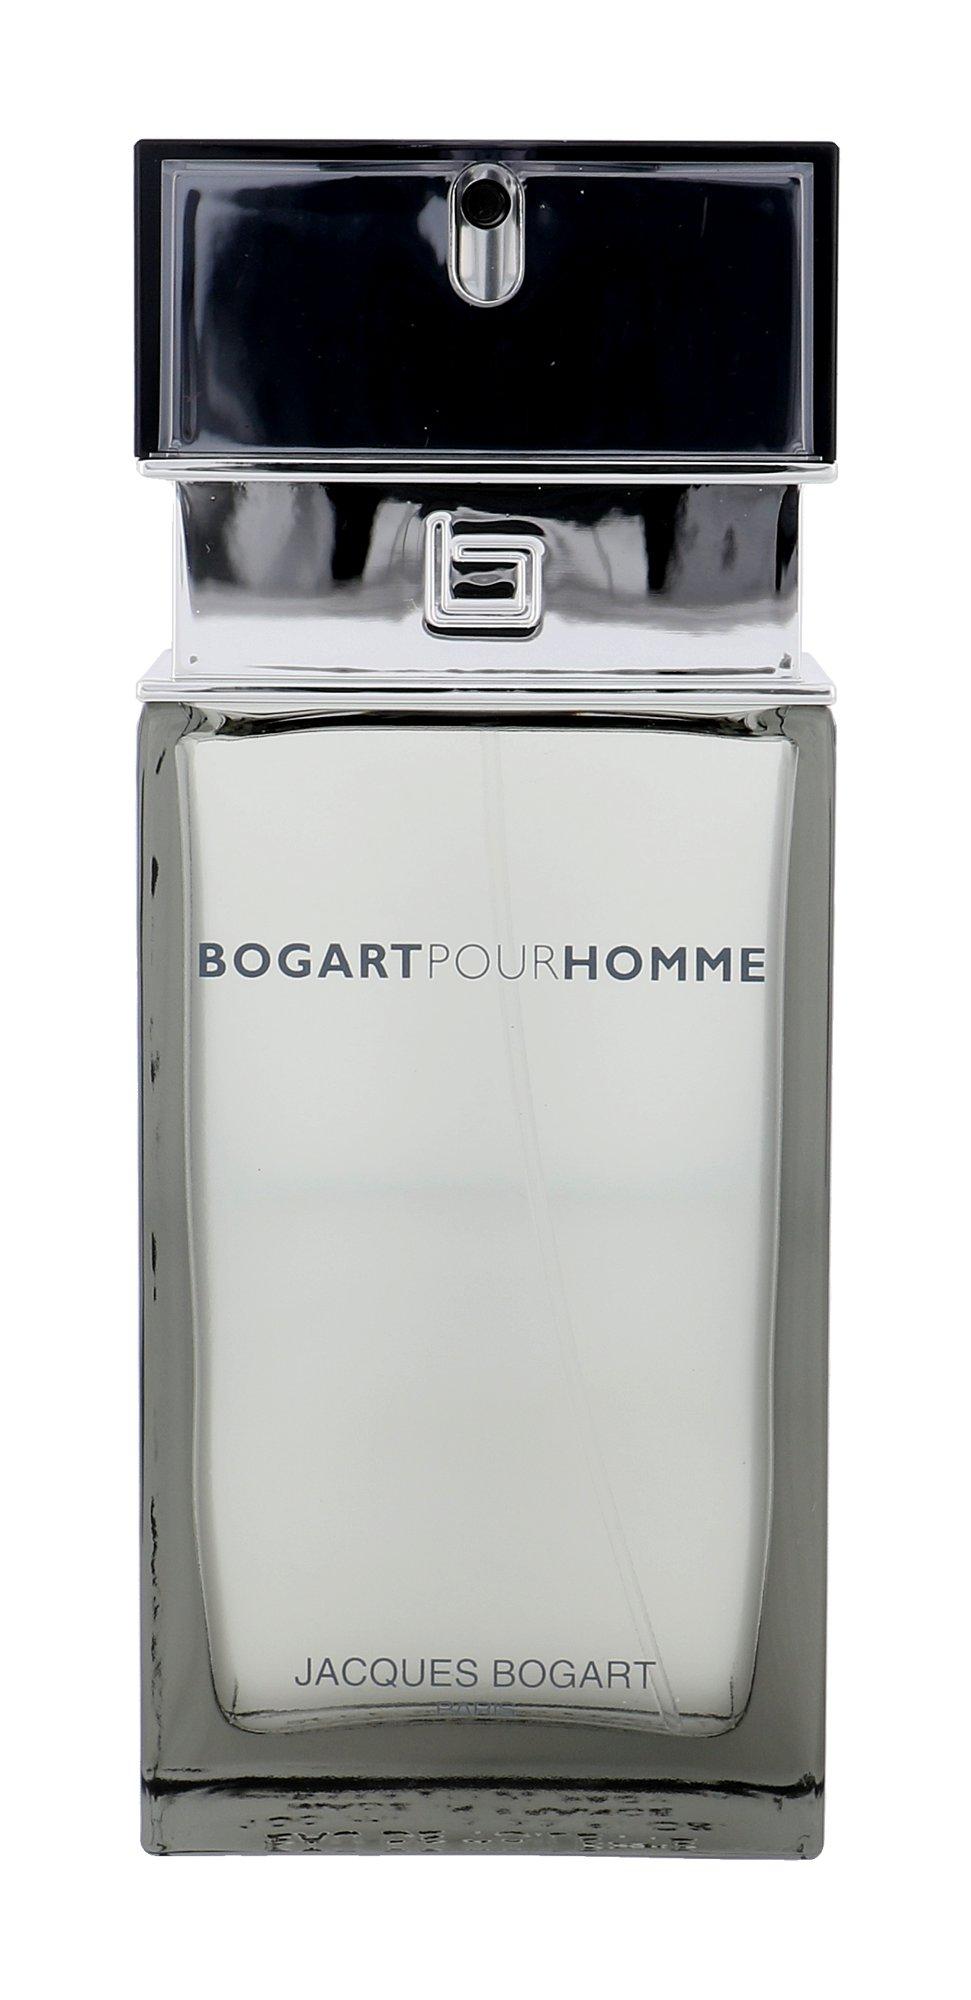 Jacques Bogart Bogart Pour Homme (M)